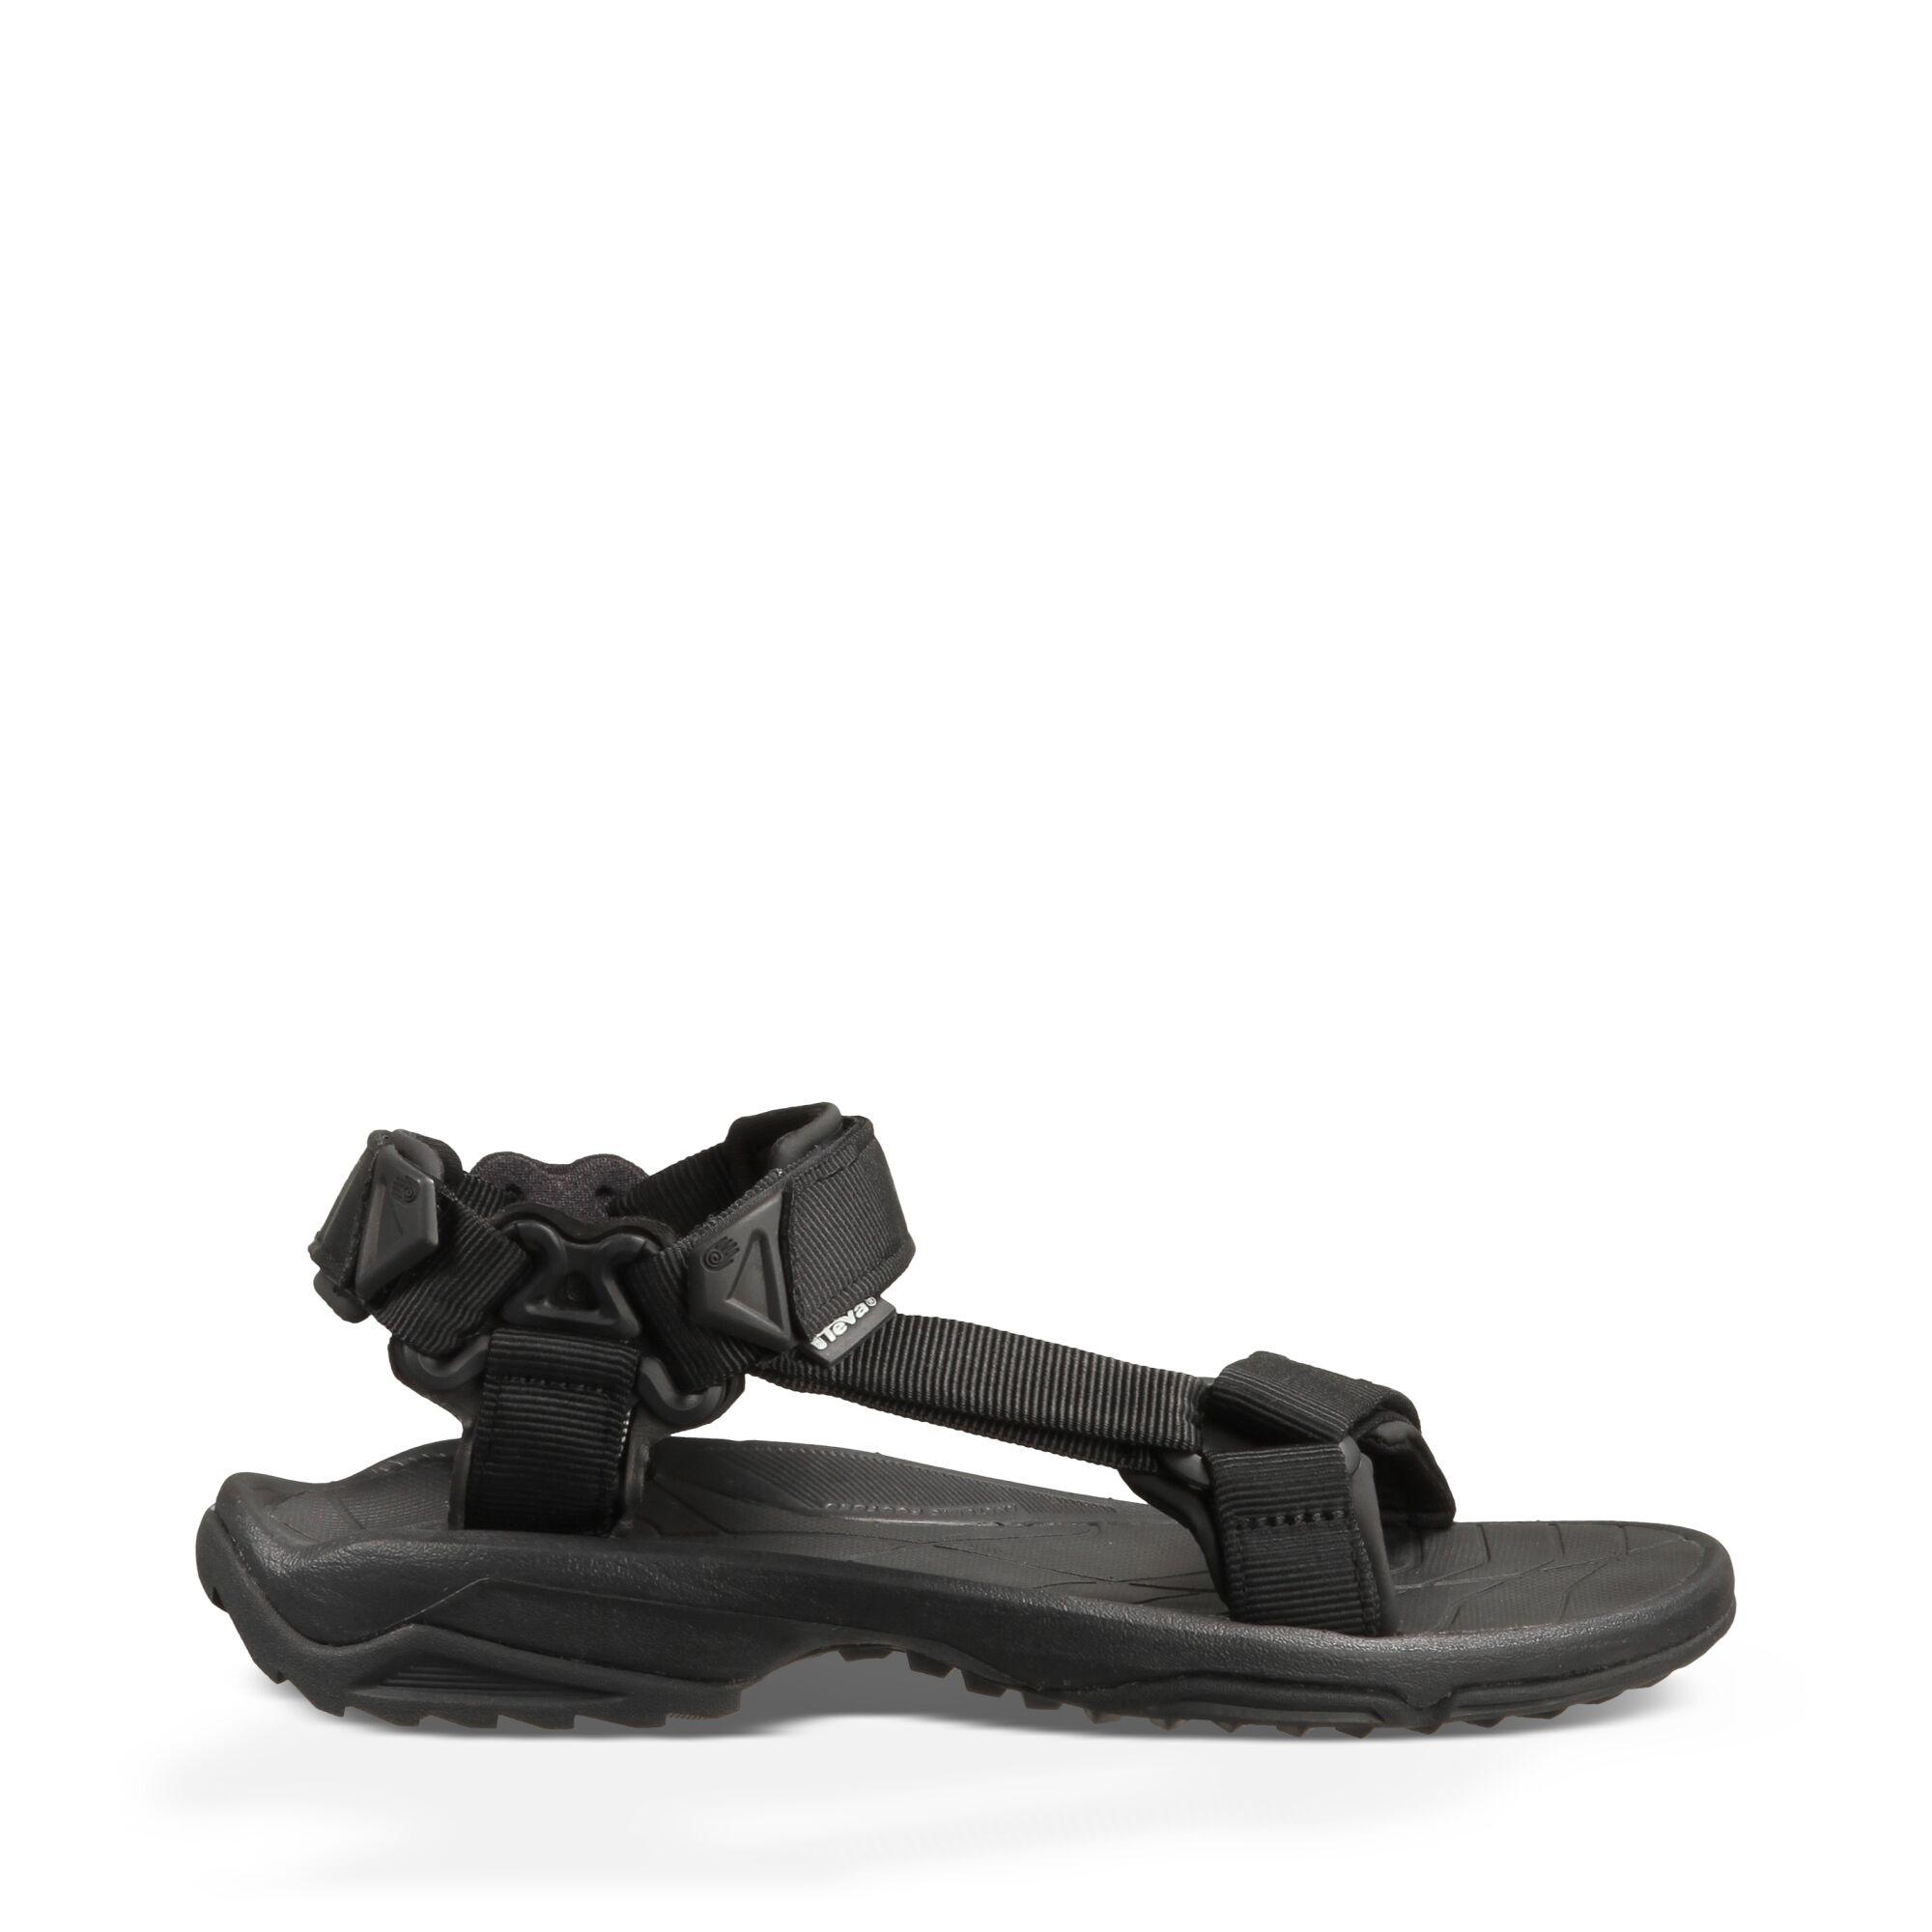 Teva M Terra Fi Lite - Sandal til mænd - Sort | Shoes and overlays